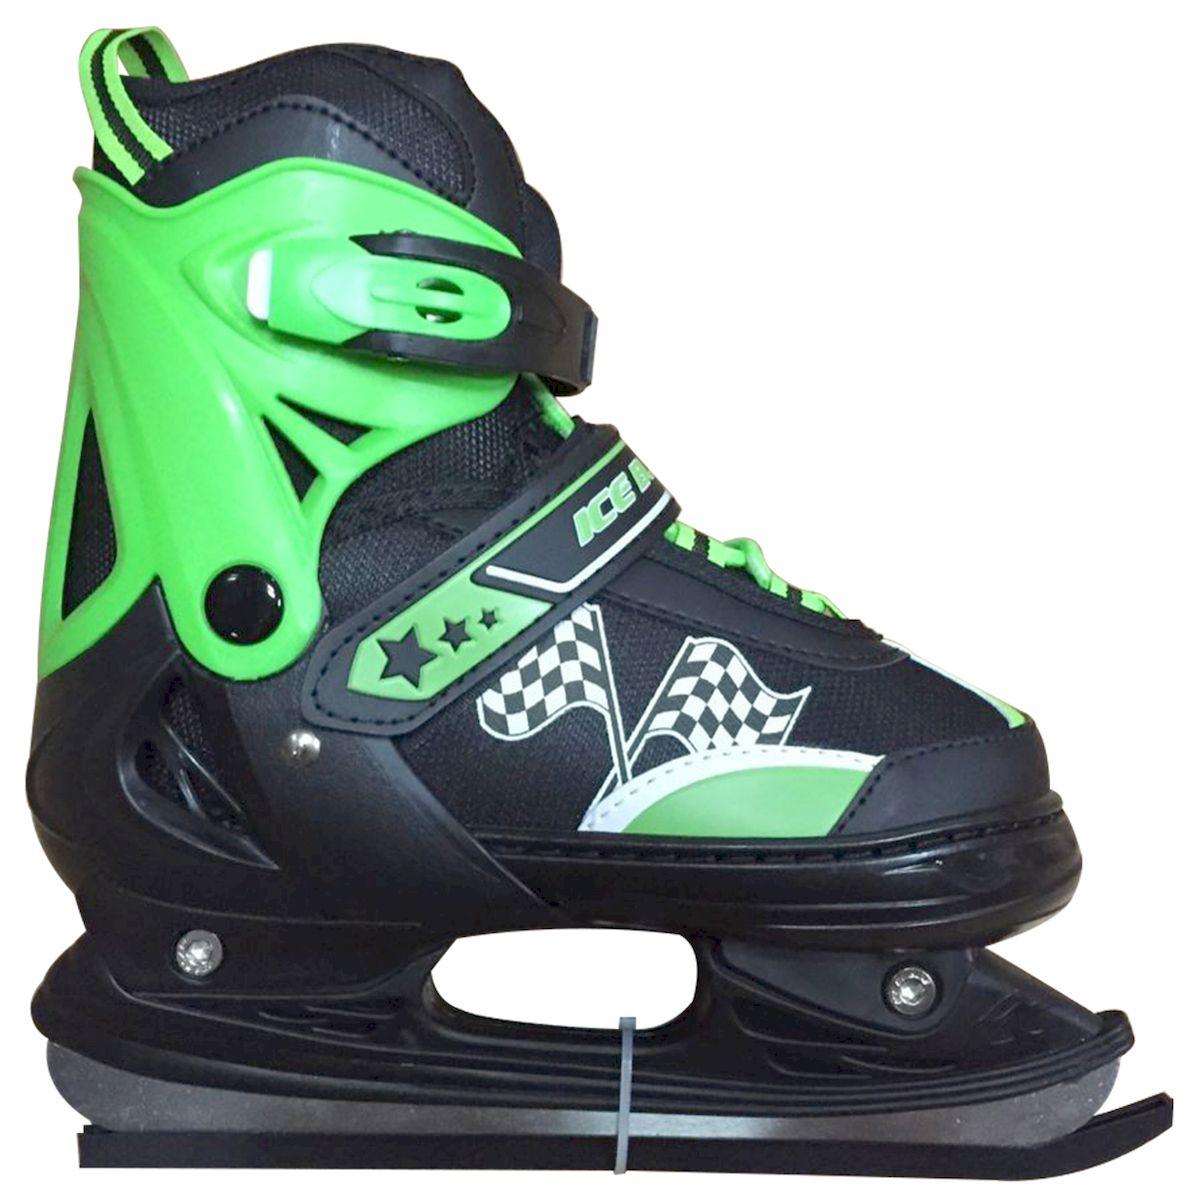 Коньки раздвижные Ice Blade Winner, цвет: черный, зеленый. УТ-00006879. Размер XS (27/30)УТ-00006879Коньки раздвижные Winner - это классические раздвижные коньки от известного бренда Ice Blade, которые предназначены для детей и подростков, а также для тех, кто делает первые шаги в катании на льду. Коньки имеют яркий молодежный дизайн, теплый внутренний сапожок, удобная трехуровневая система фиксации ноги, легкая смена размера, надежная защита пятки и носка - все это бесспорные преимущества модели Winner. Коньки поставляются с заводской заточкой лезвия, что позволяет сразу приступить к катанию и не тратить денег на заточку. Данная модель оснащена хоккейным лезвием. Предназначены для использования на открытом и закрытом льду Основные характеристики: Назначение: раздвижные коньки Тип фиксации: клипса с фиксатором, липучка, шнурки Дополнительные характеристики: Материал ботинка: морозостойкий пластик Внутренняя отделка: теплый текстильный материал Лезвие: выполнено из высокоуглеродистой стали с покрытием из никеля Упаковка: удобная сумка